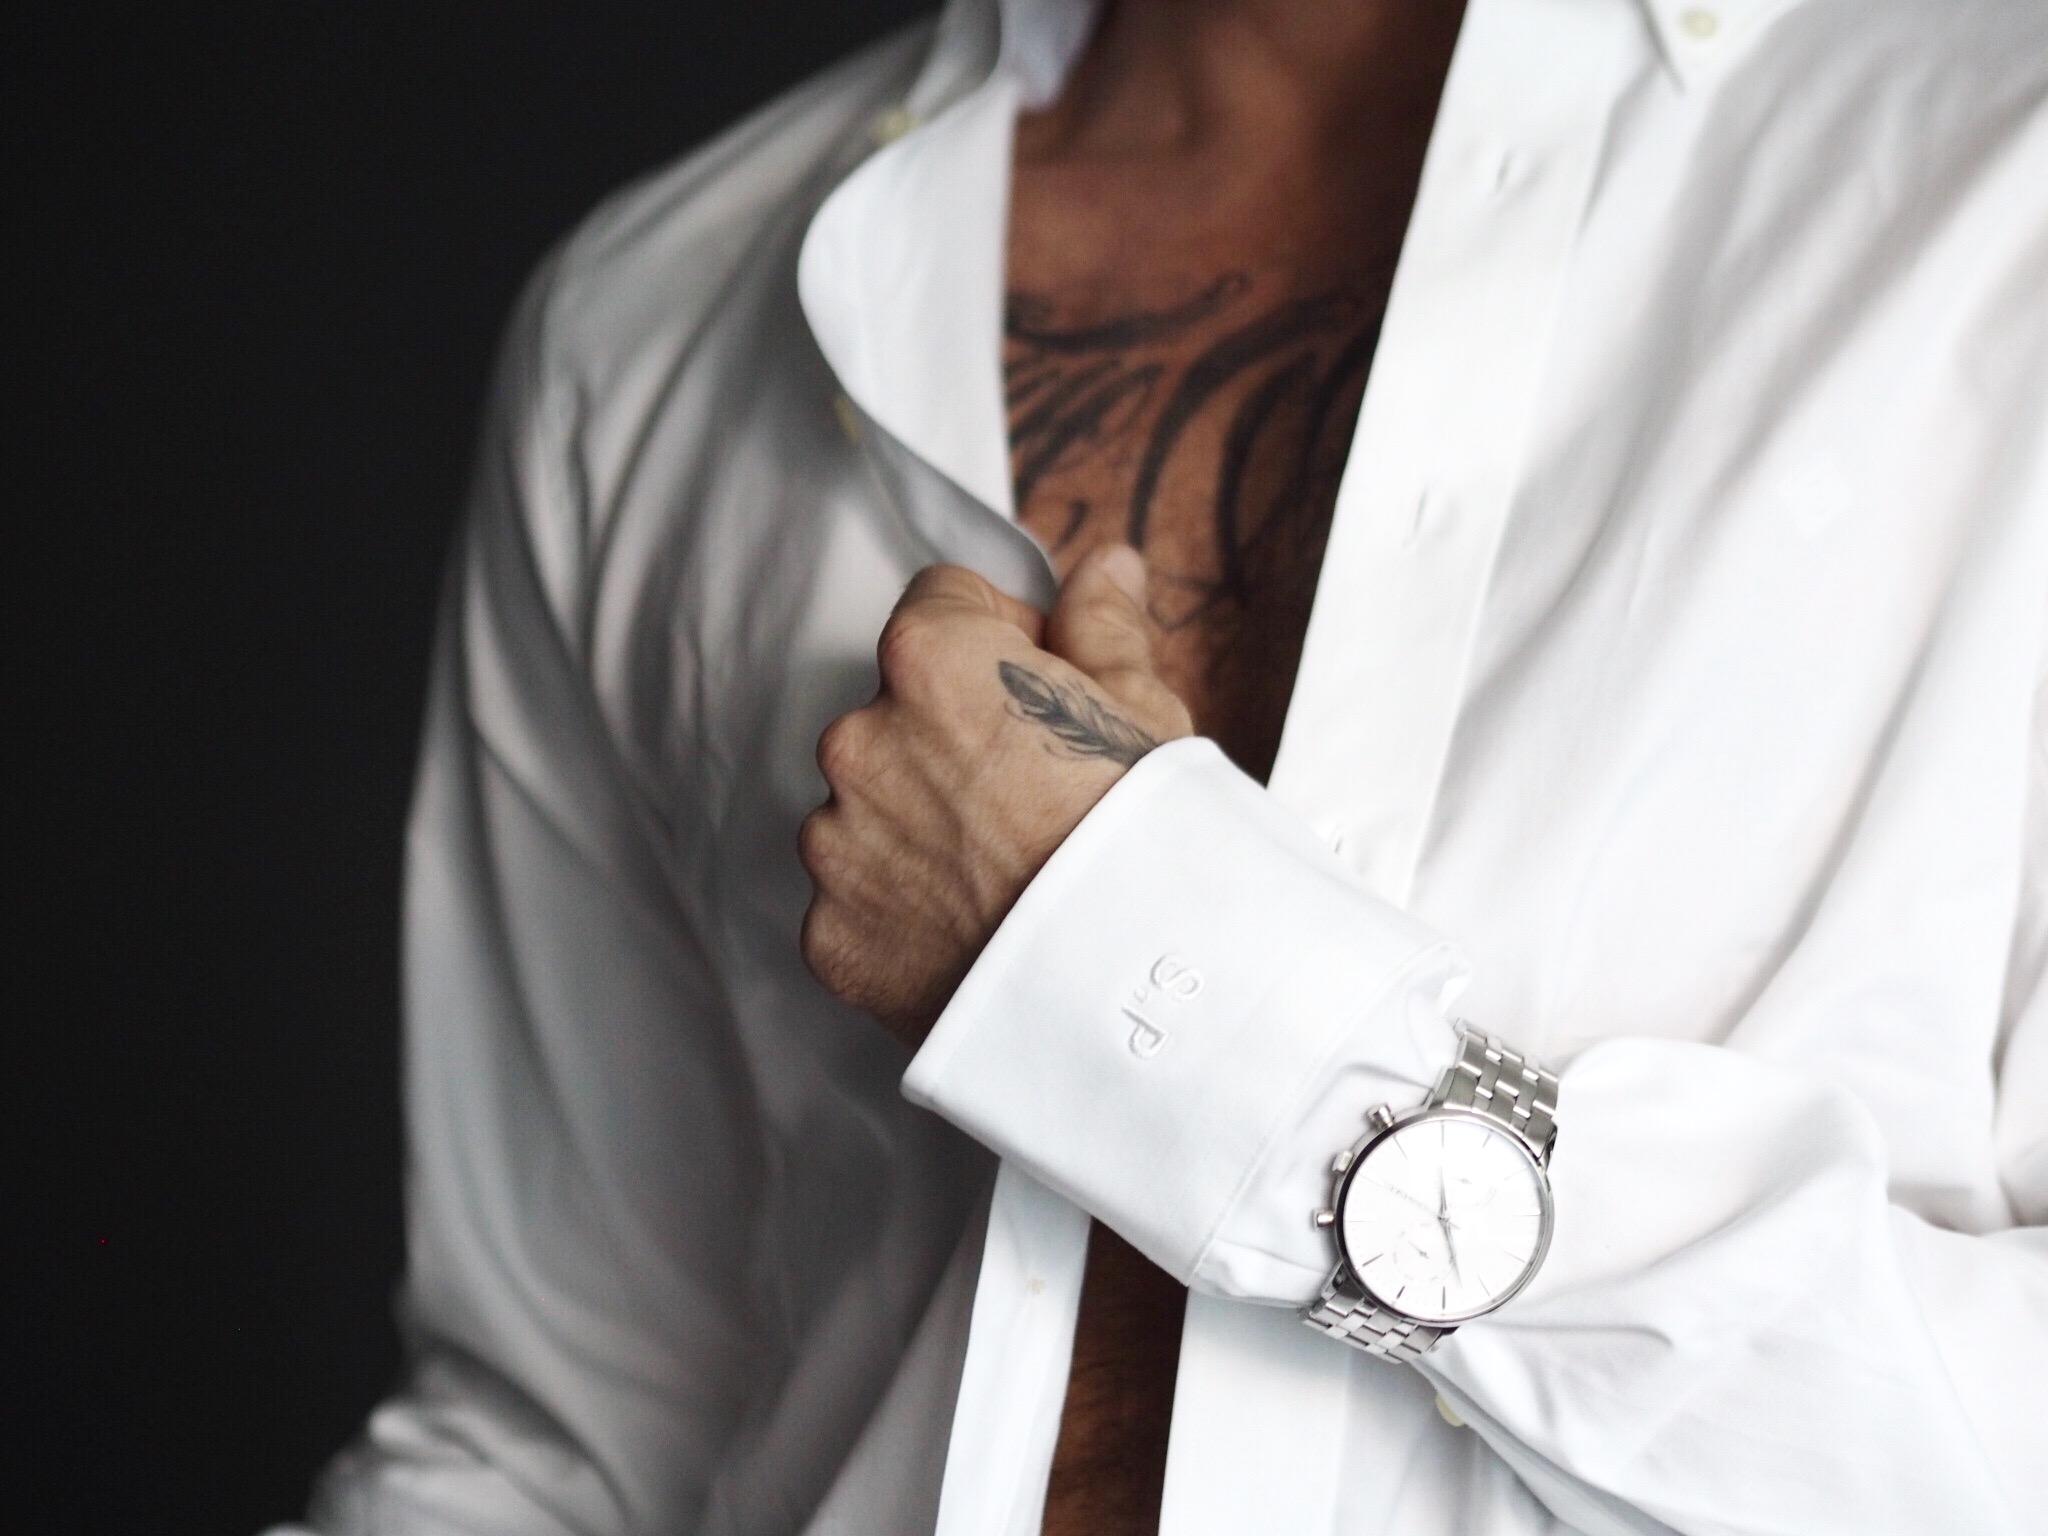 Bruk klokken over skjorten